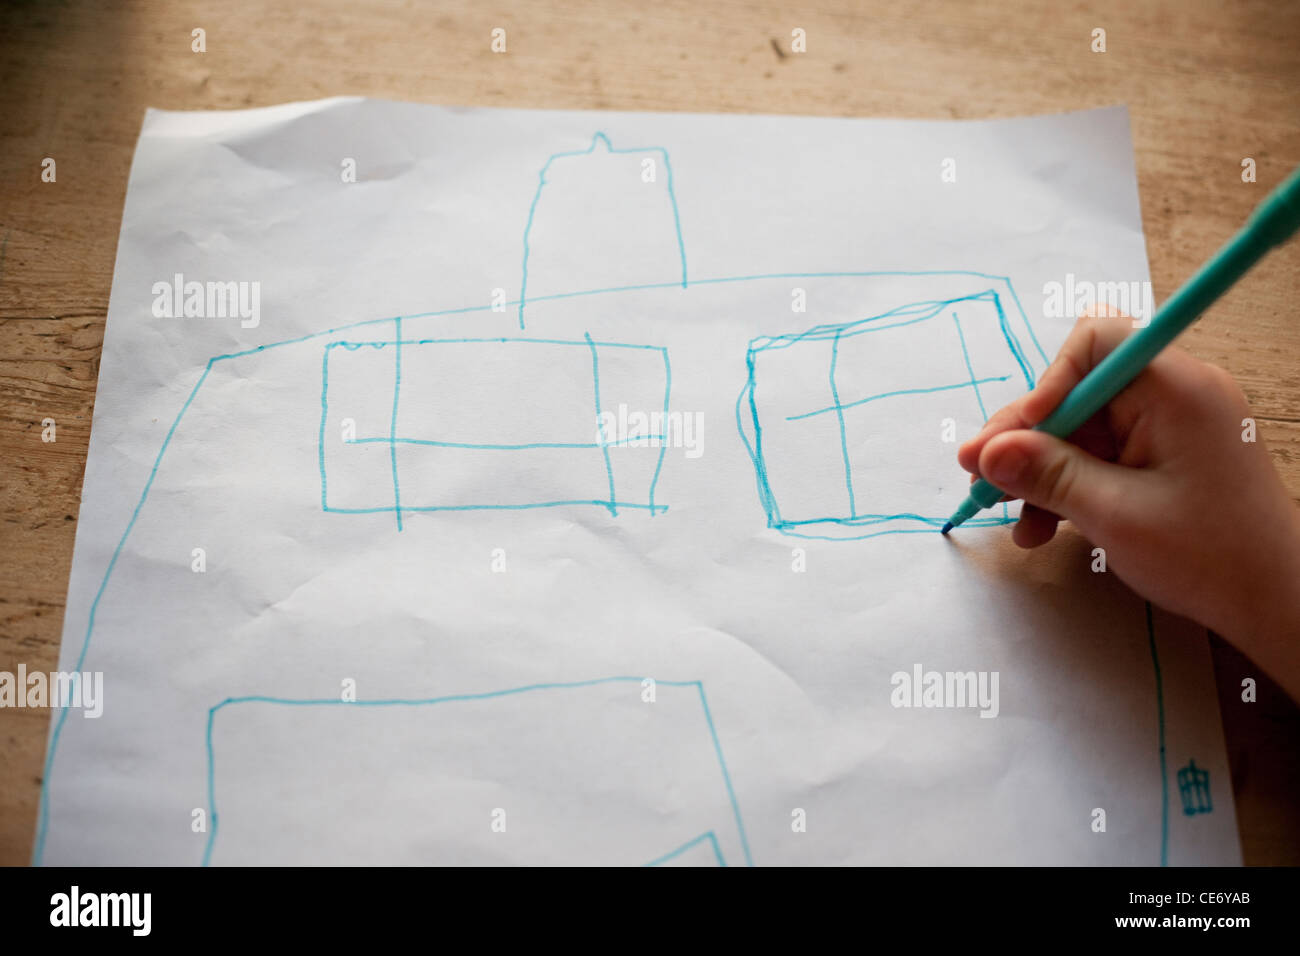 Kind Zeichnung Bild des Hauses Stockbild